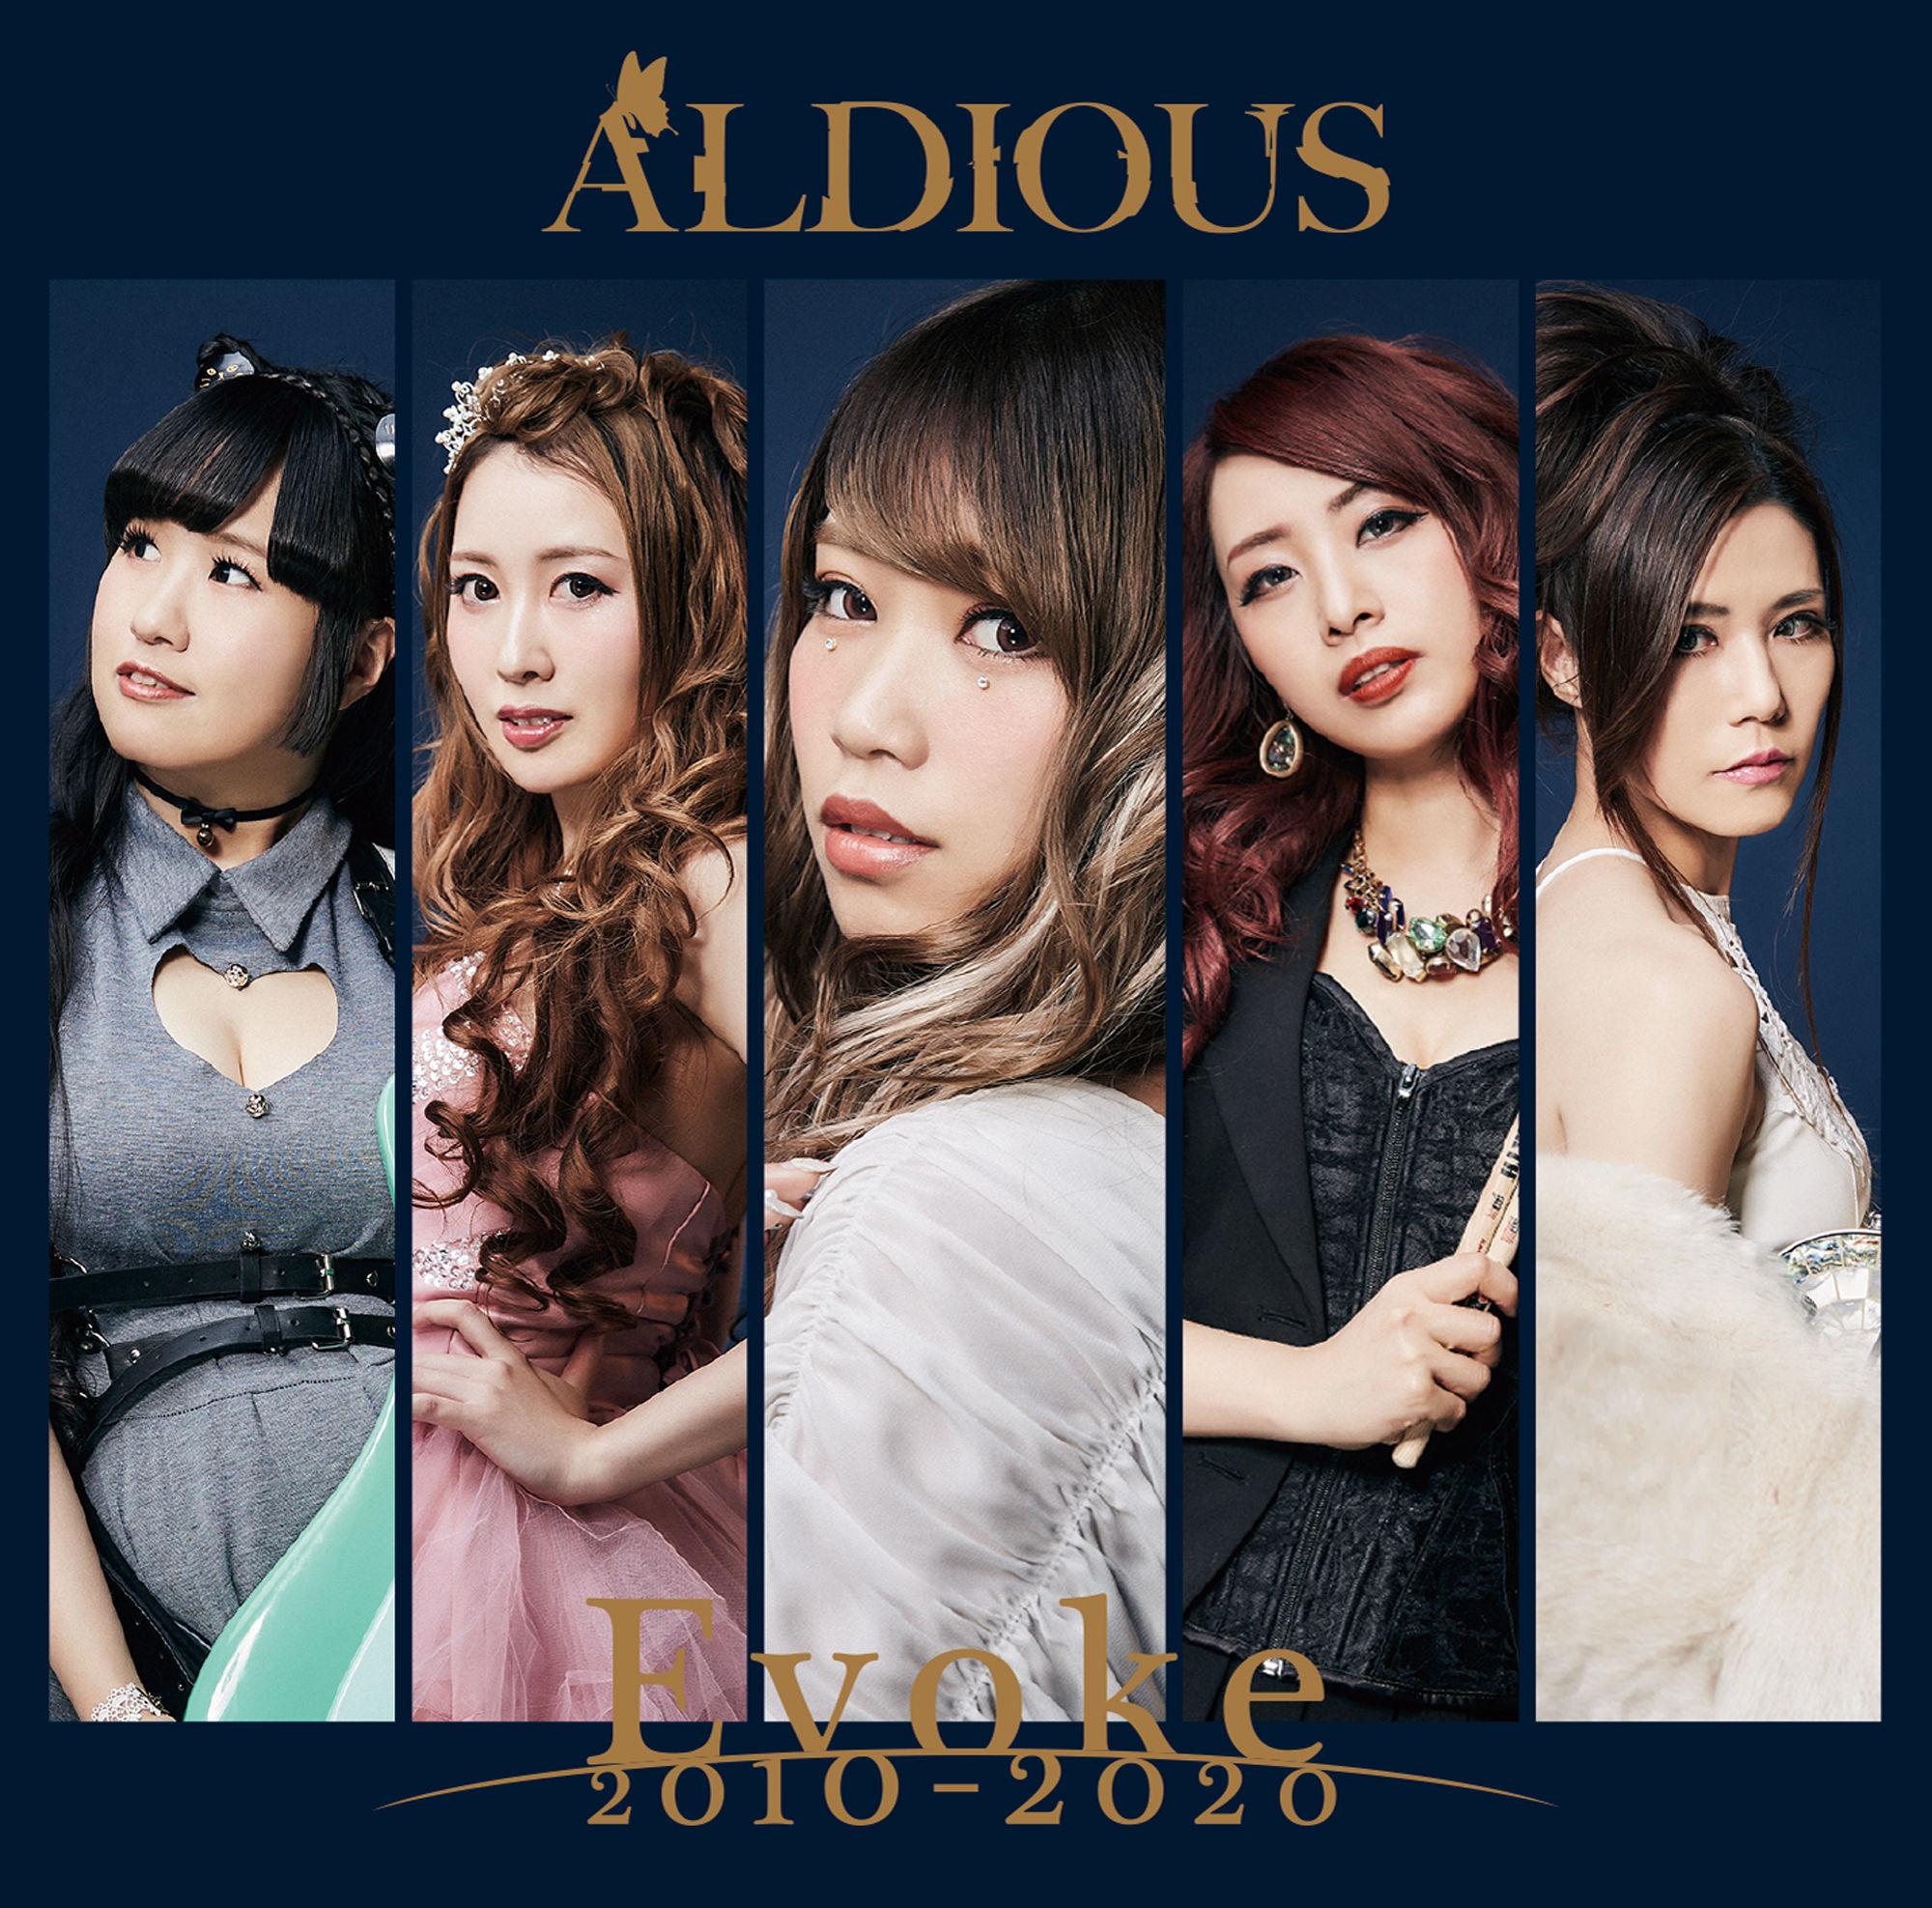 【24パーセントOFF】Aldious 7thアルバム『Evoke 2010-2020』DVD付き限定盤(CD+DVD)